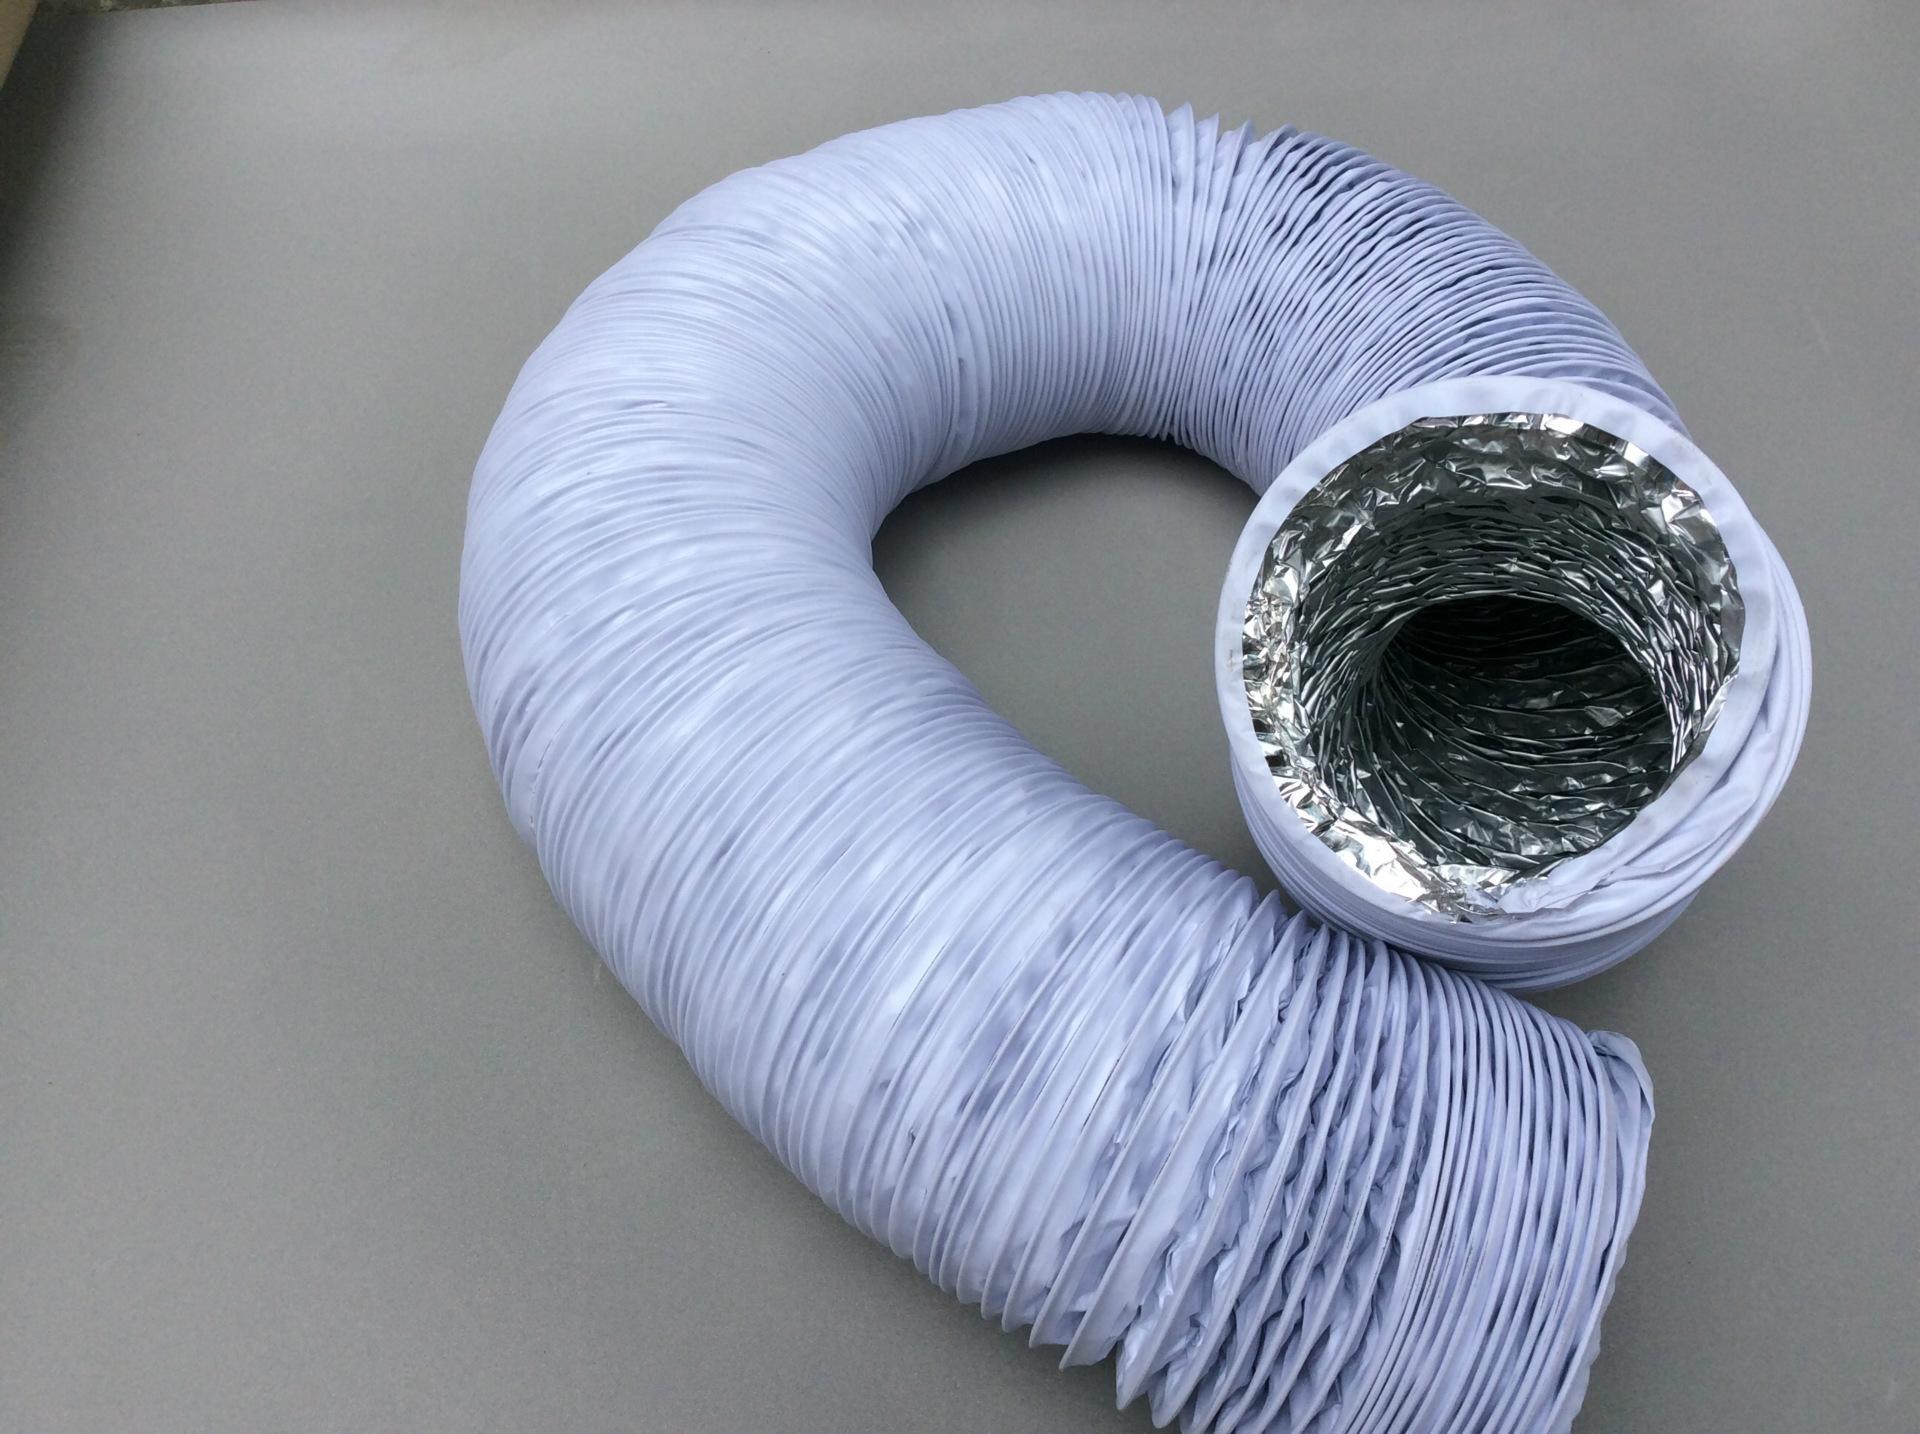 带钢丝通风铝箔软管外带pvc复合管直径115mm7米根 伸缩软管图片